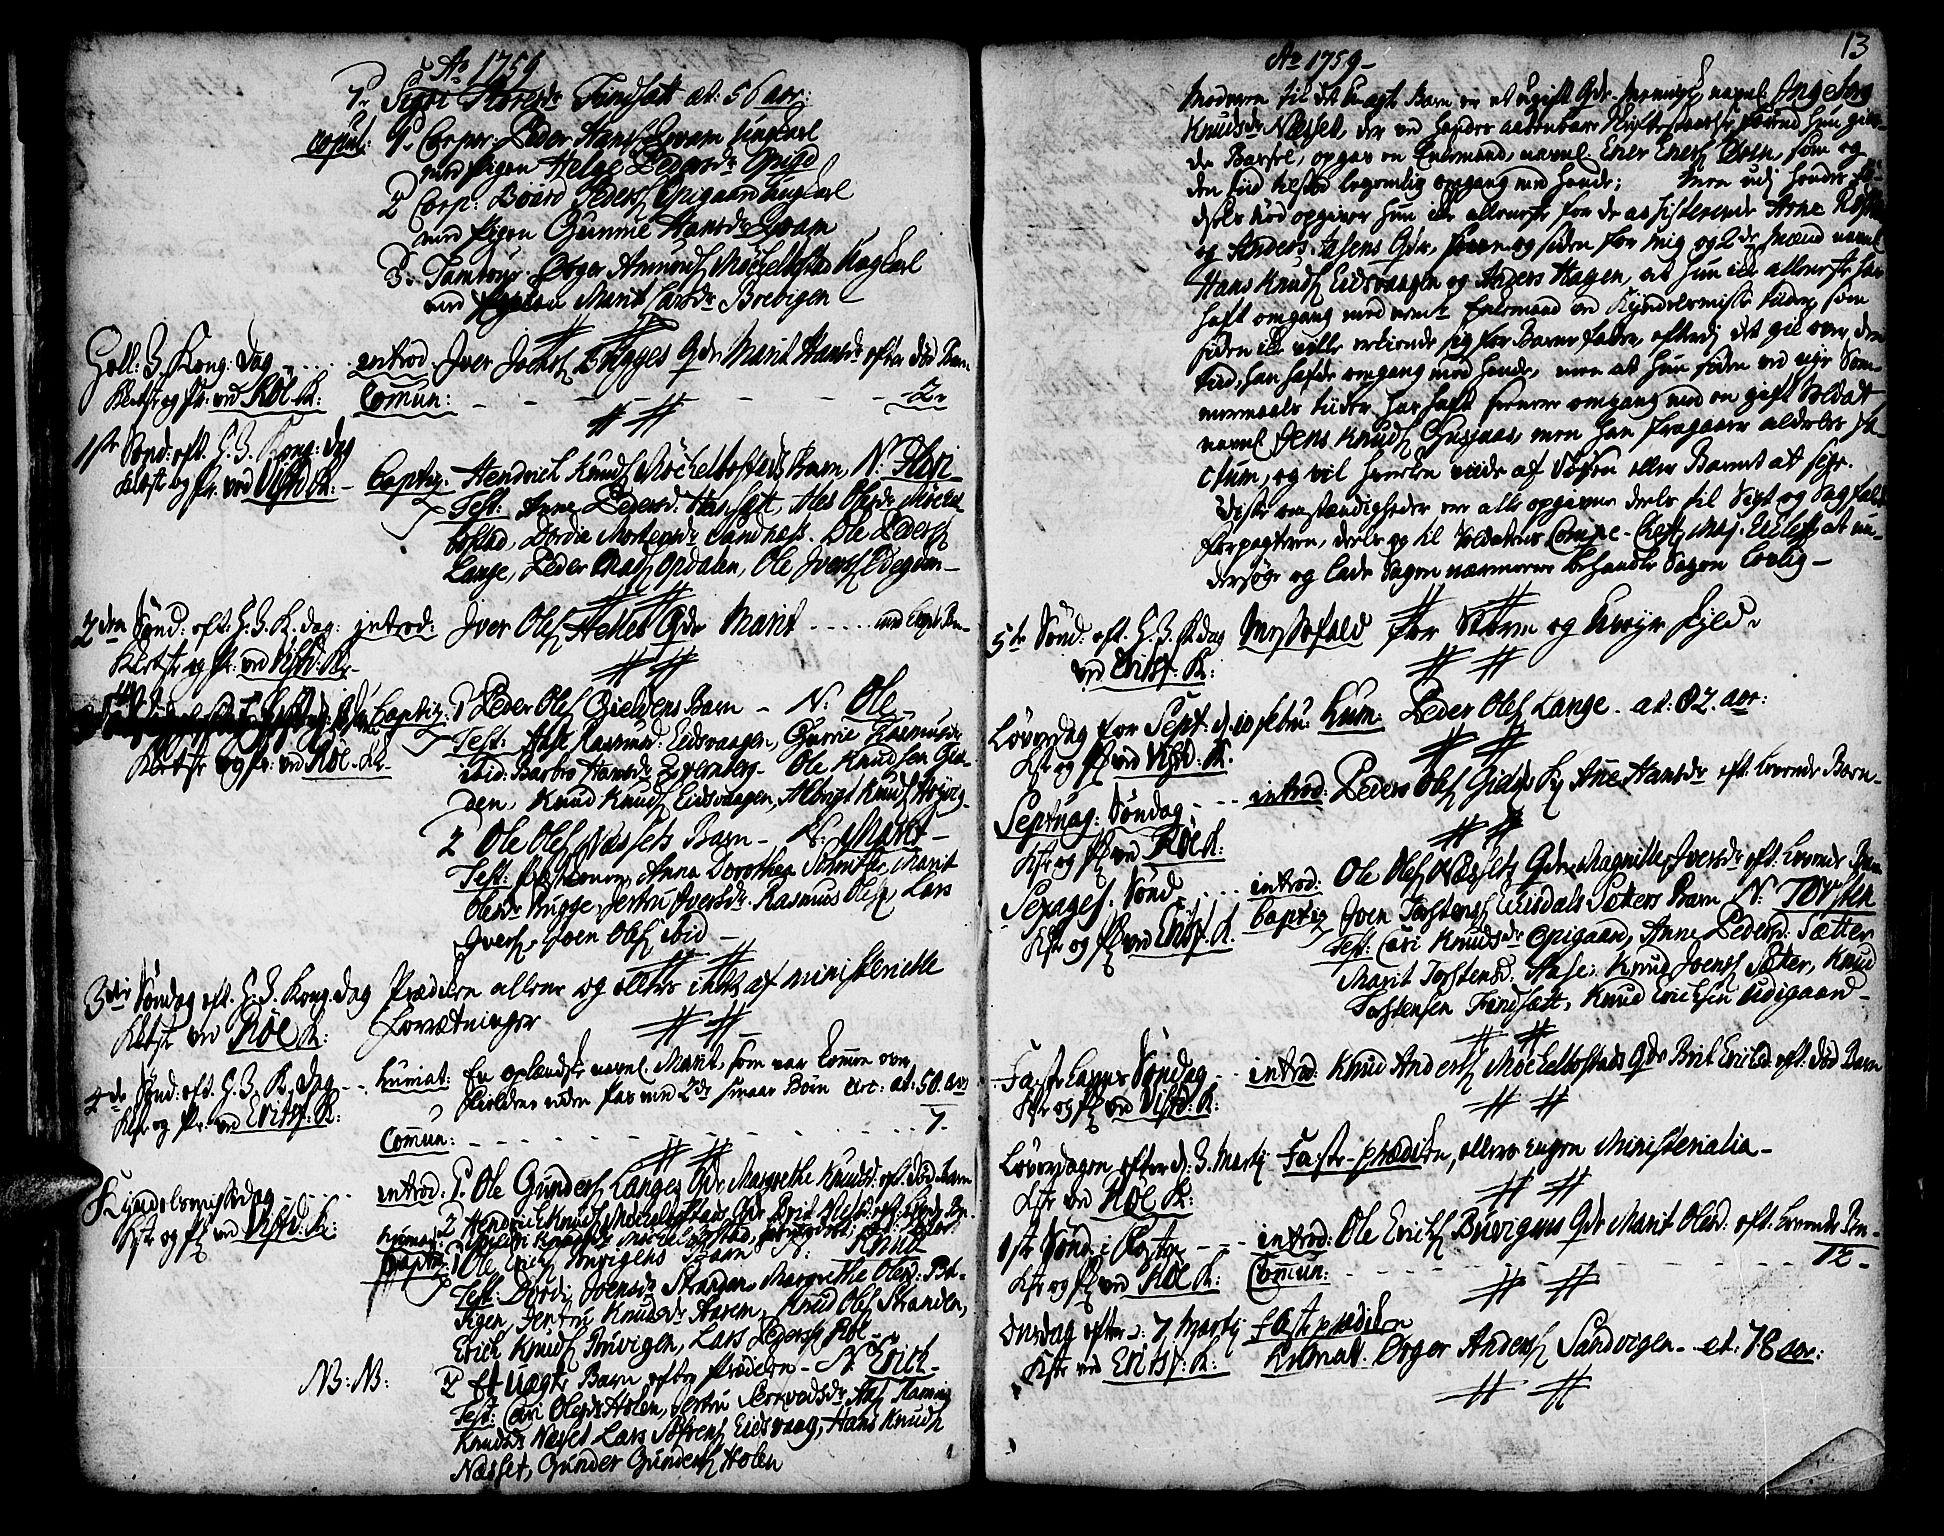 SAT, Ministerialprotokoller, klokkerbøker og fødselsregistre - Møre og Romsdal, 551/L0621: Ministerialbok nr. 551A01, 1757-1803, s. 13